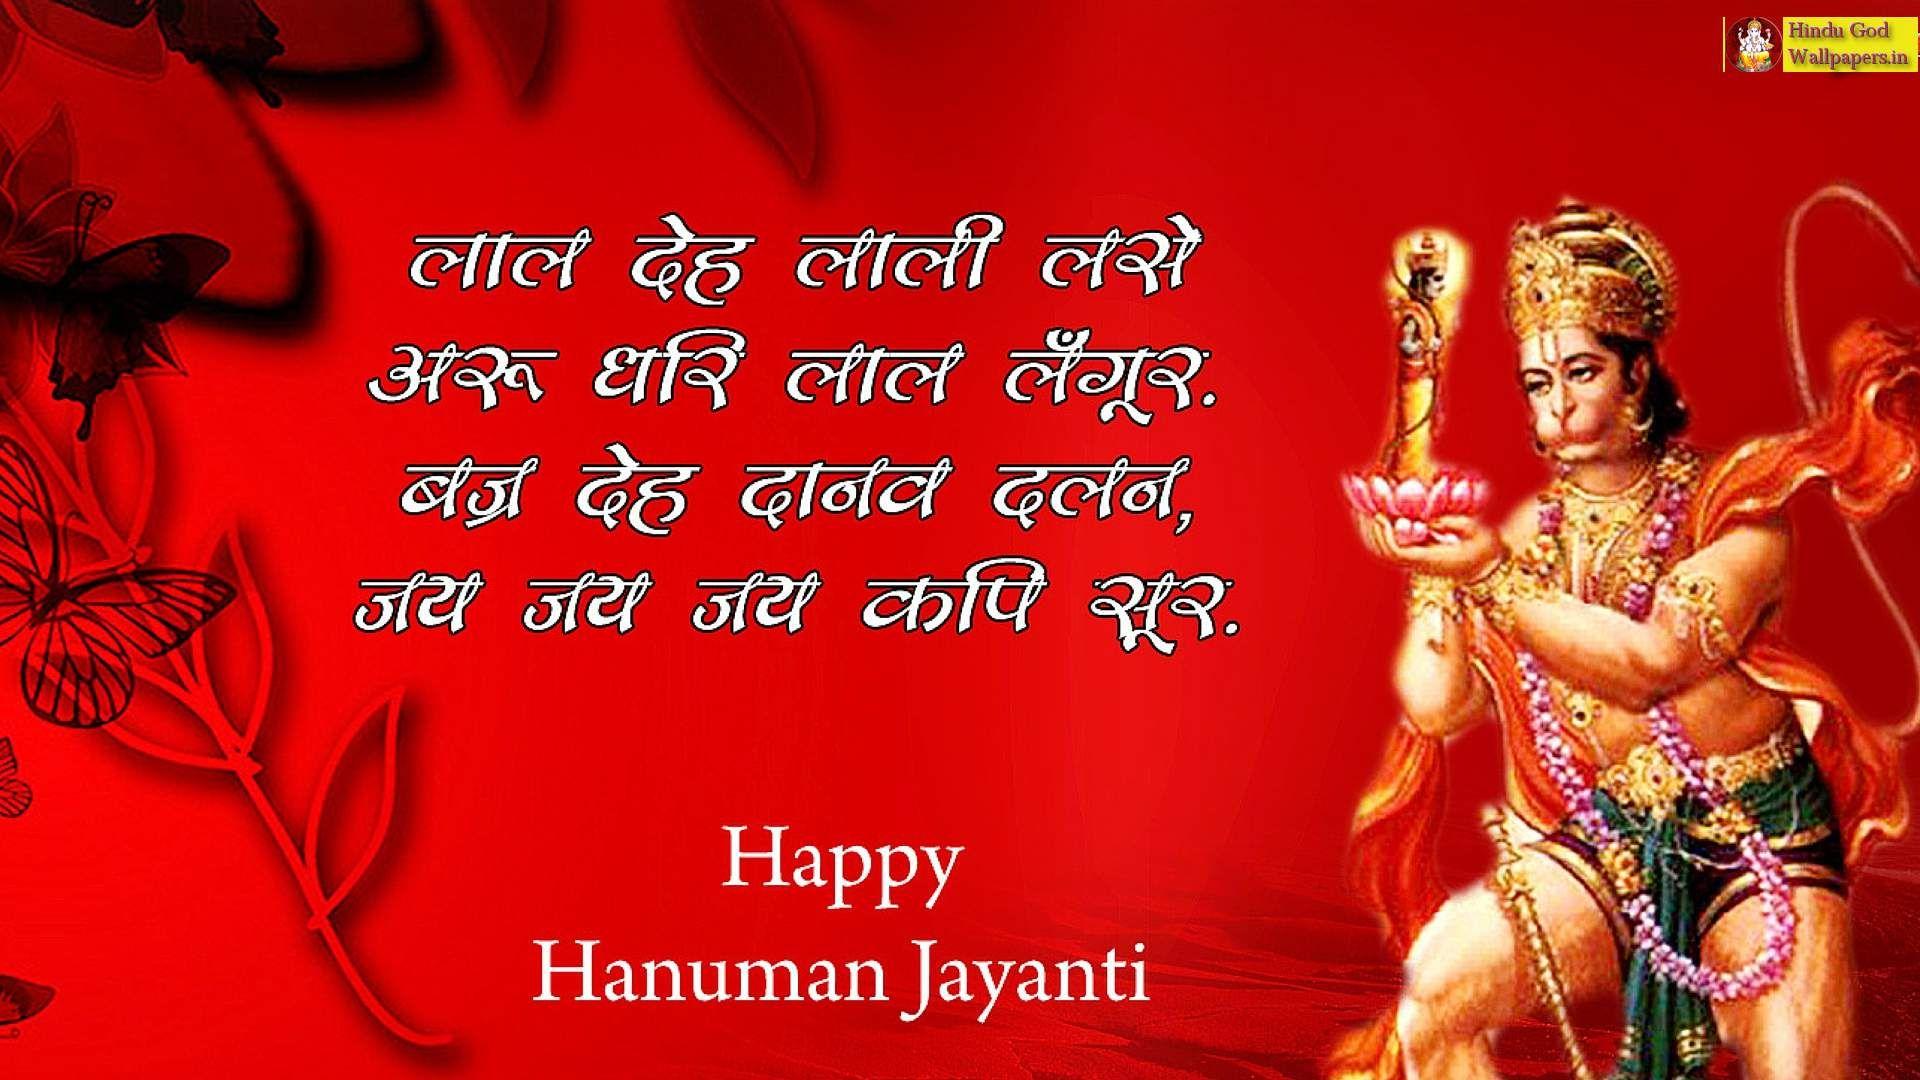 Hanuman Jayanti 2016 Hanuman Jayanti Desktop Wallpaper Hanuman